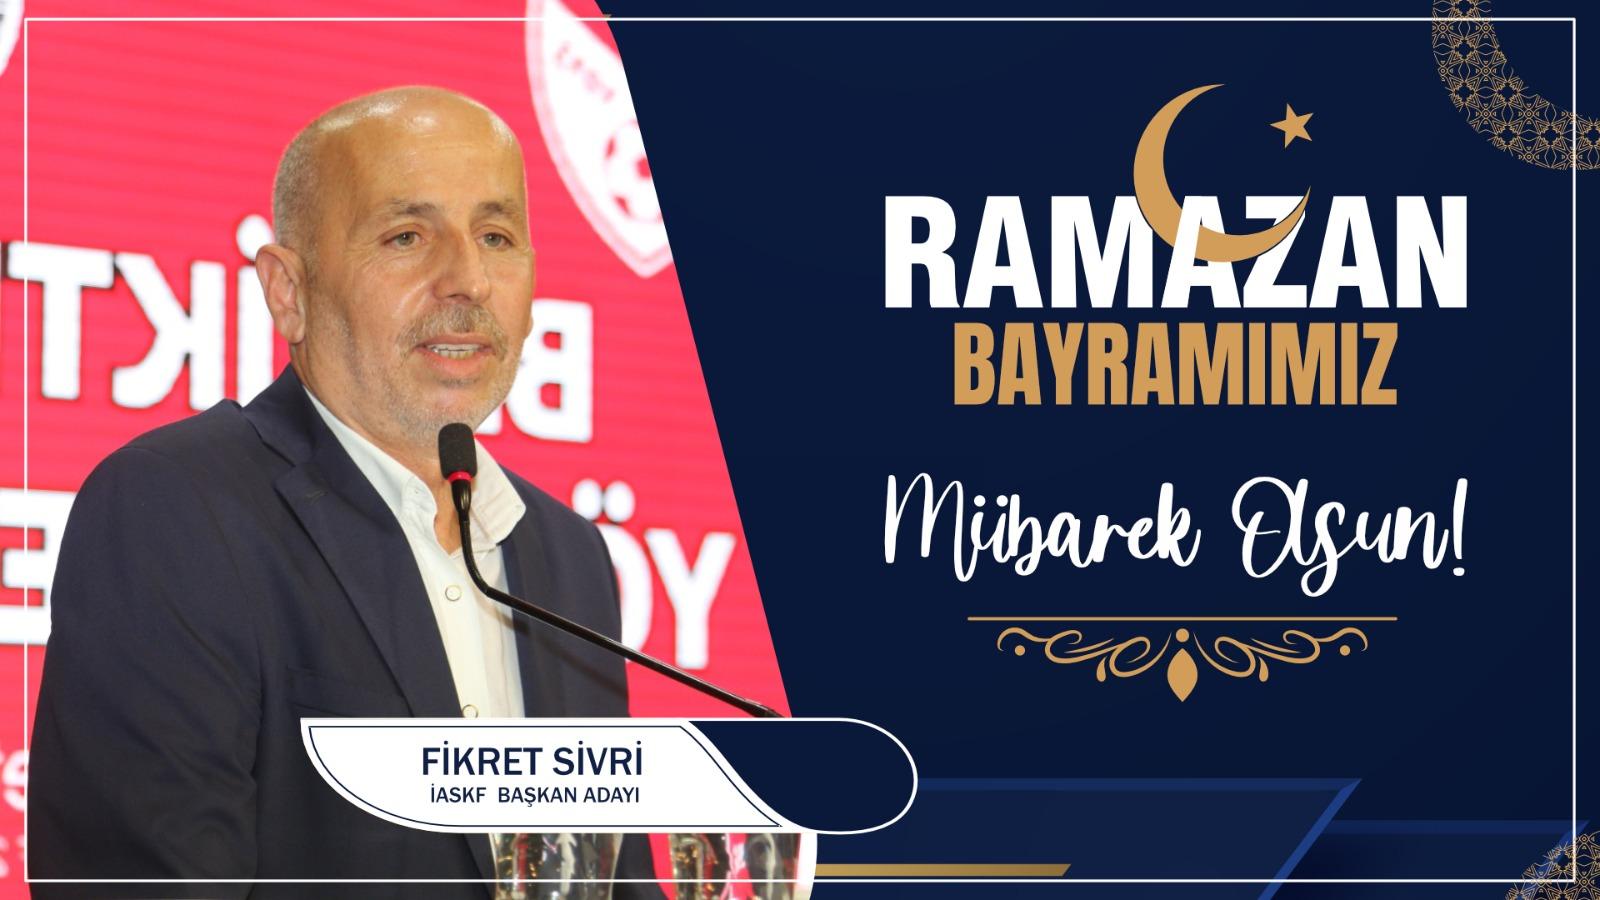 Fikret Sivri'den Ramazan Bayramı Kutlama Mesajı